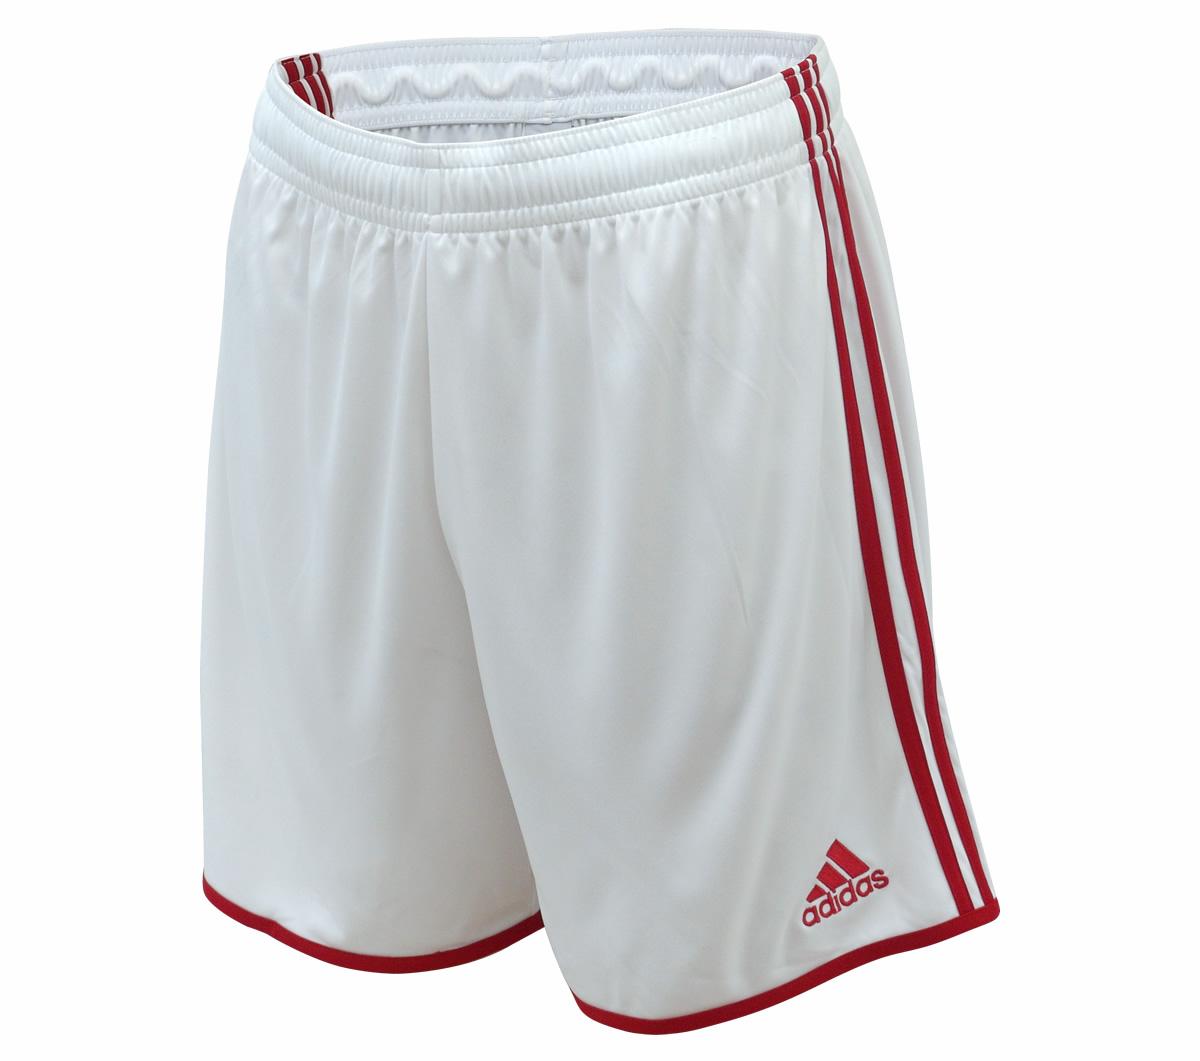 Calção Adidas Entrada 12 Branco e Vermelho - Mundo do Futebol 2a0cbb72474a9